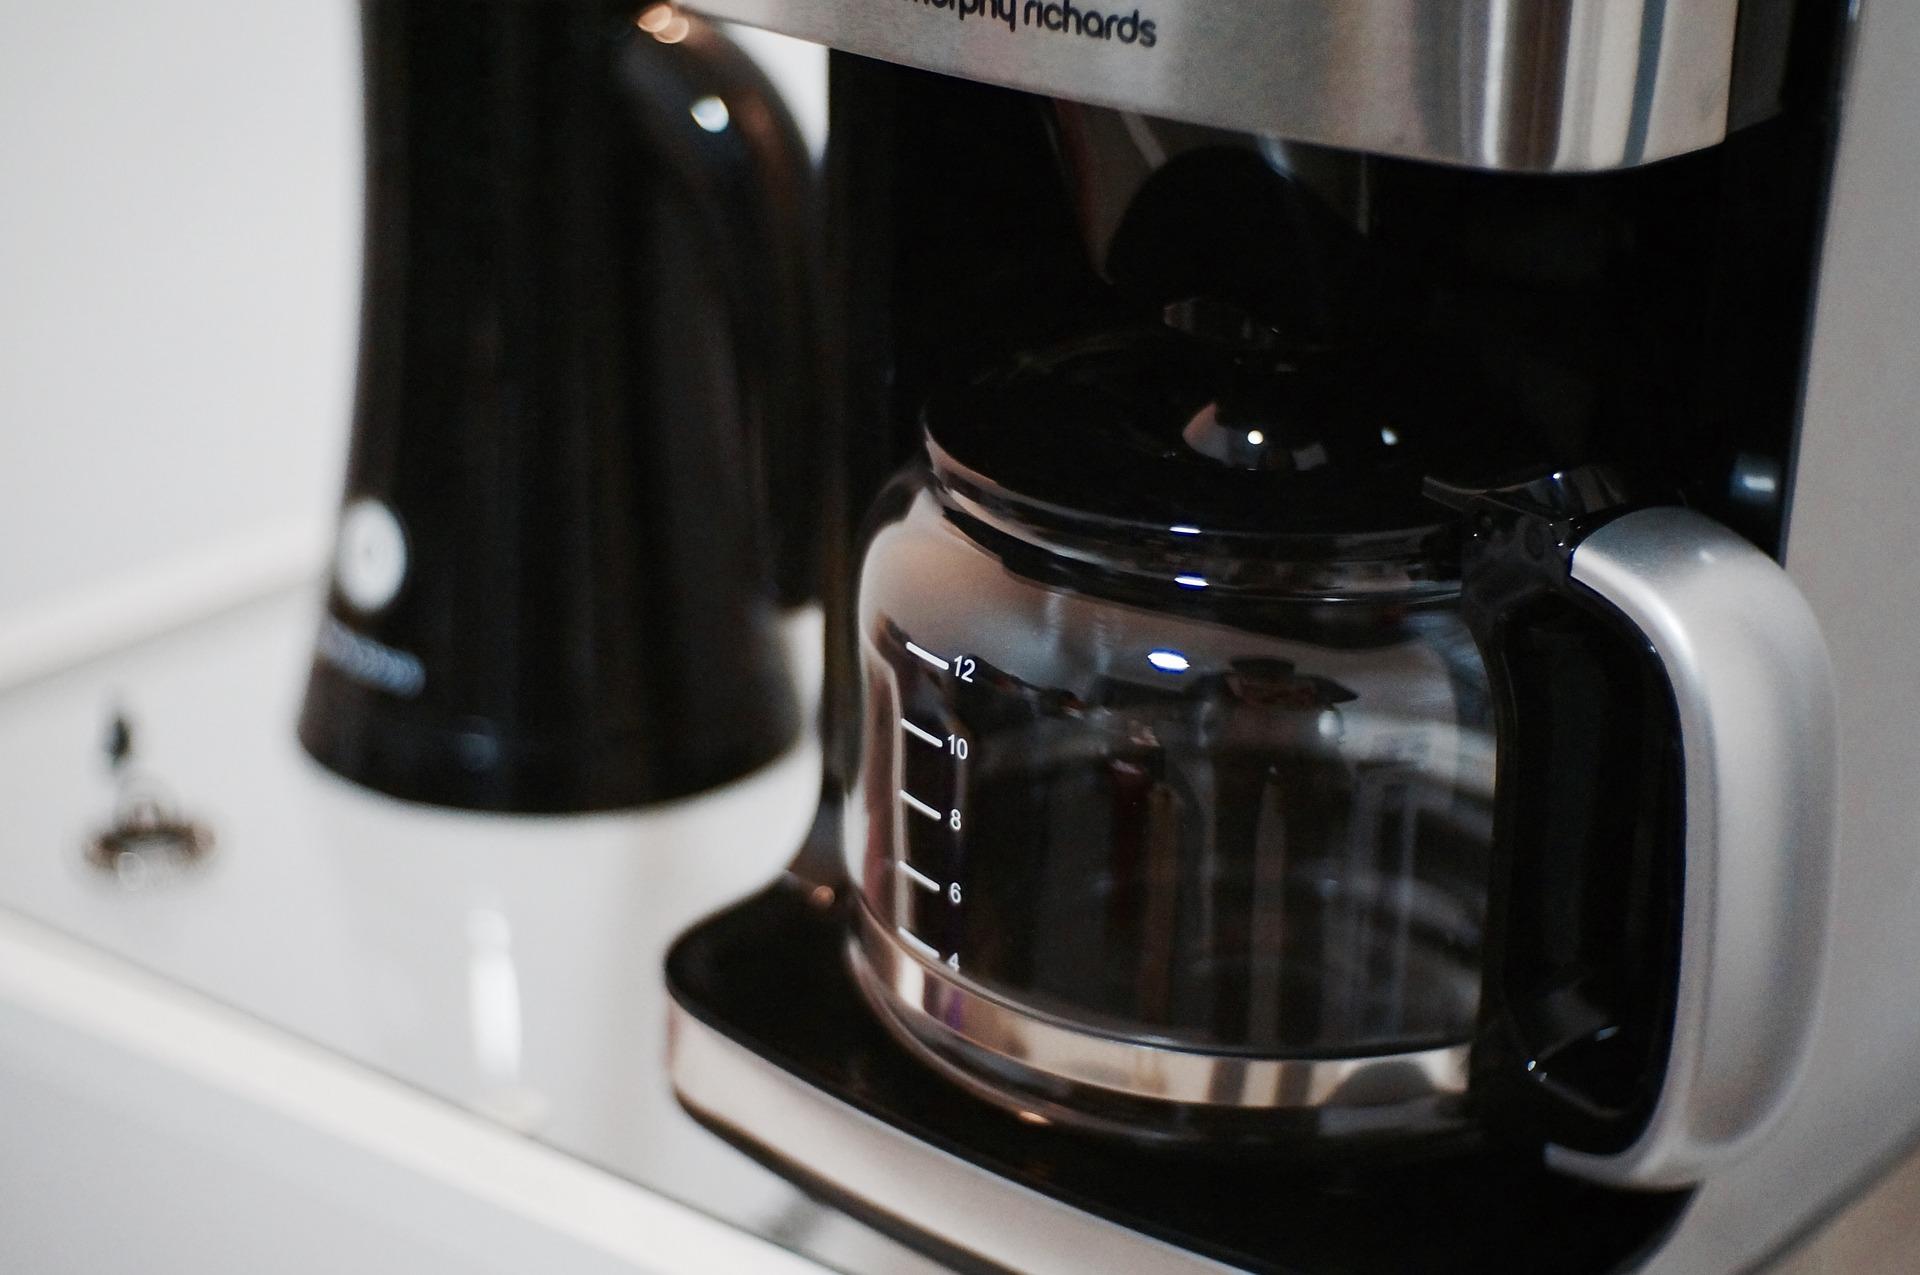 Рейтинг лучших капельных кофеварок на 2021 год